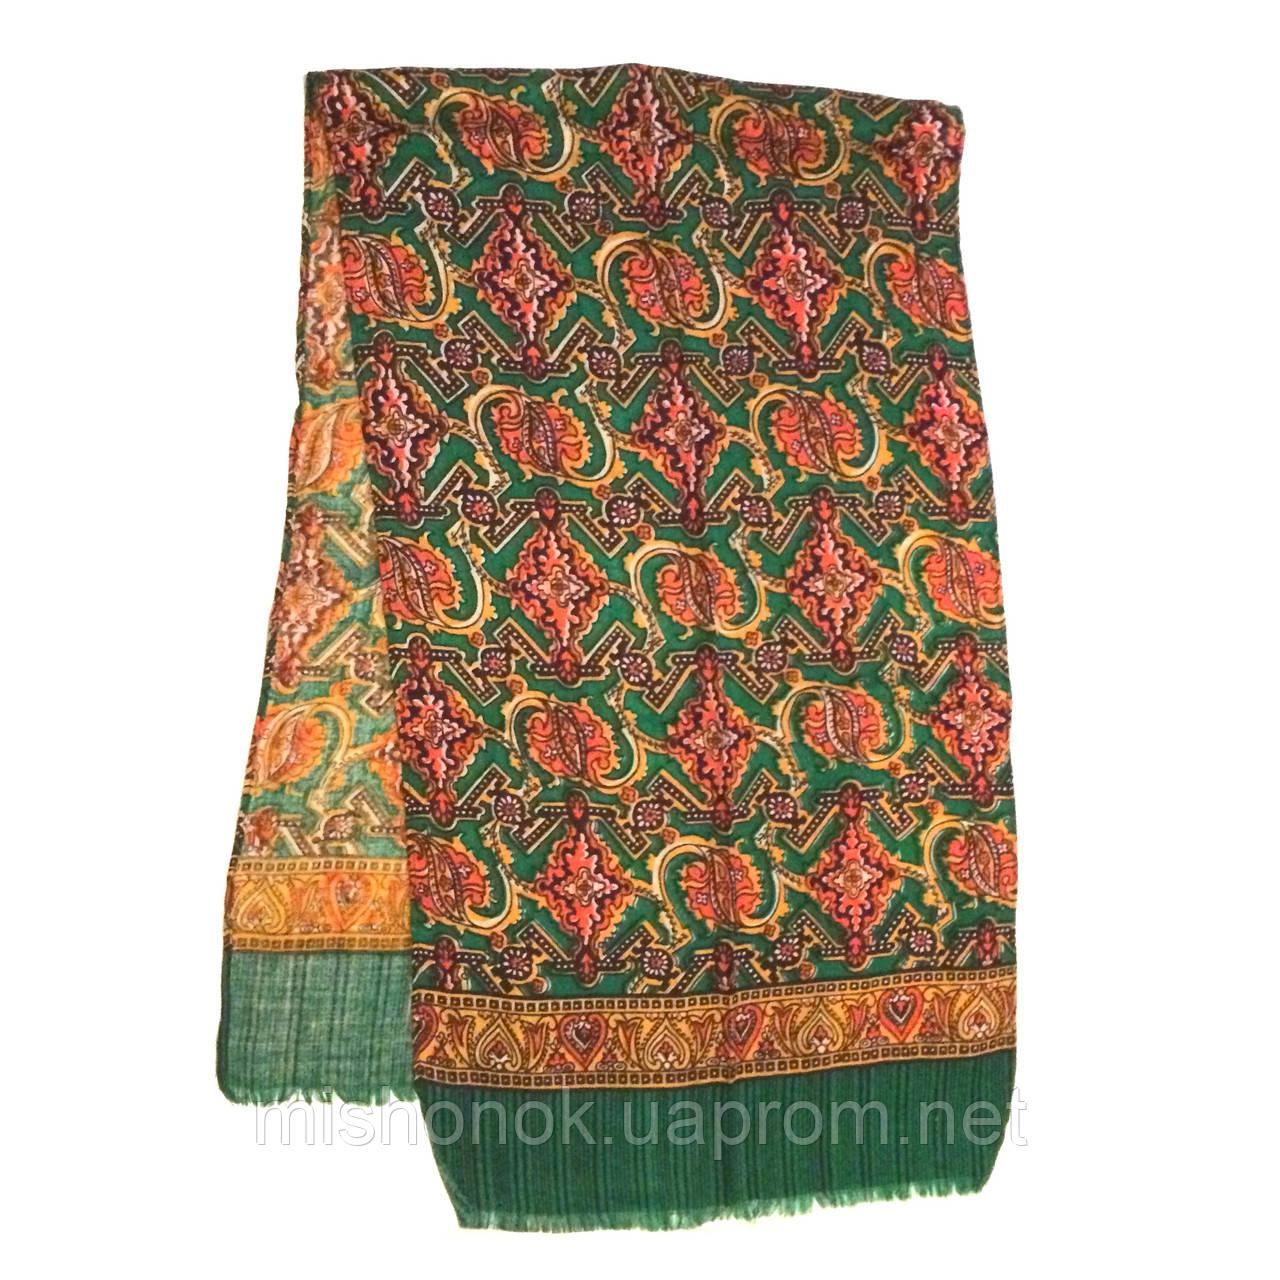 Мужской шарф с узором, тонкая шерсть Кашне - Комиссионочка